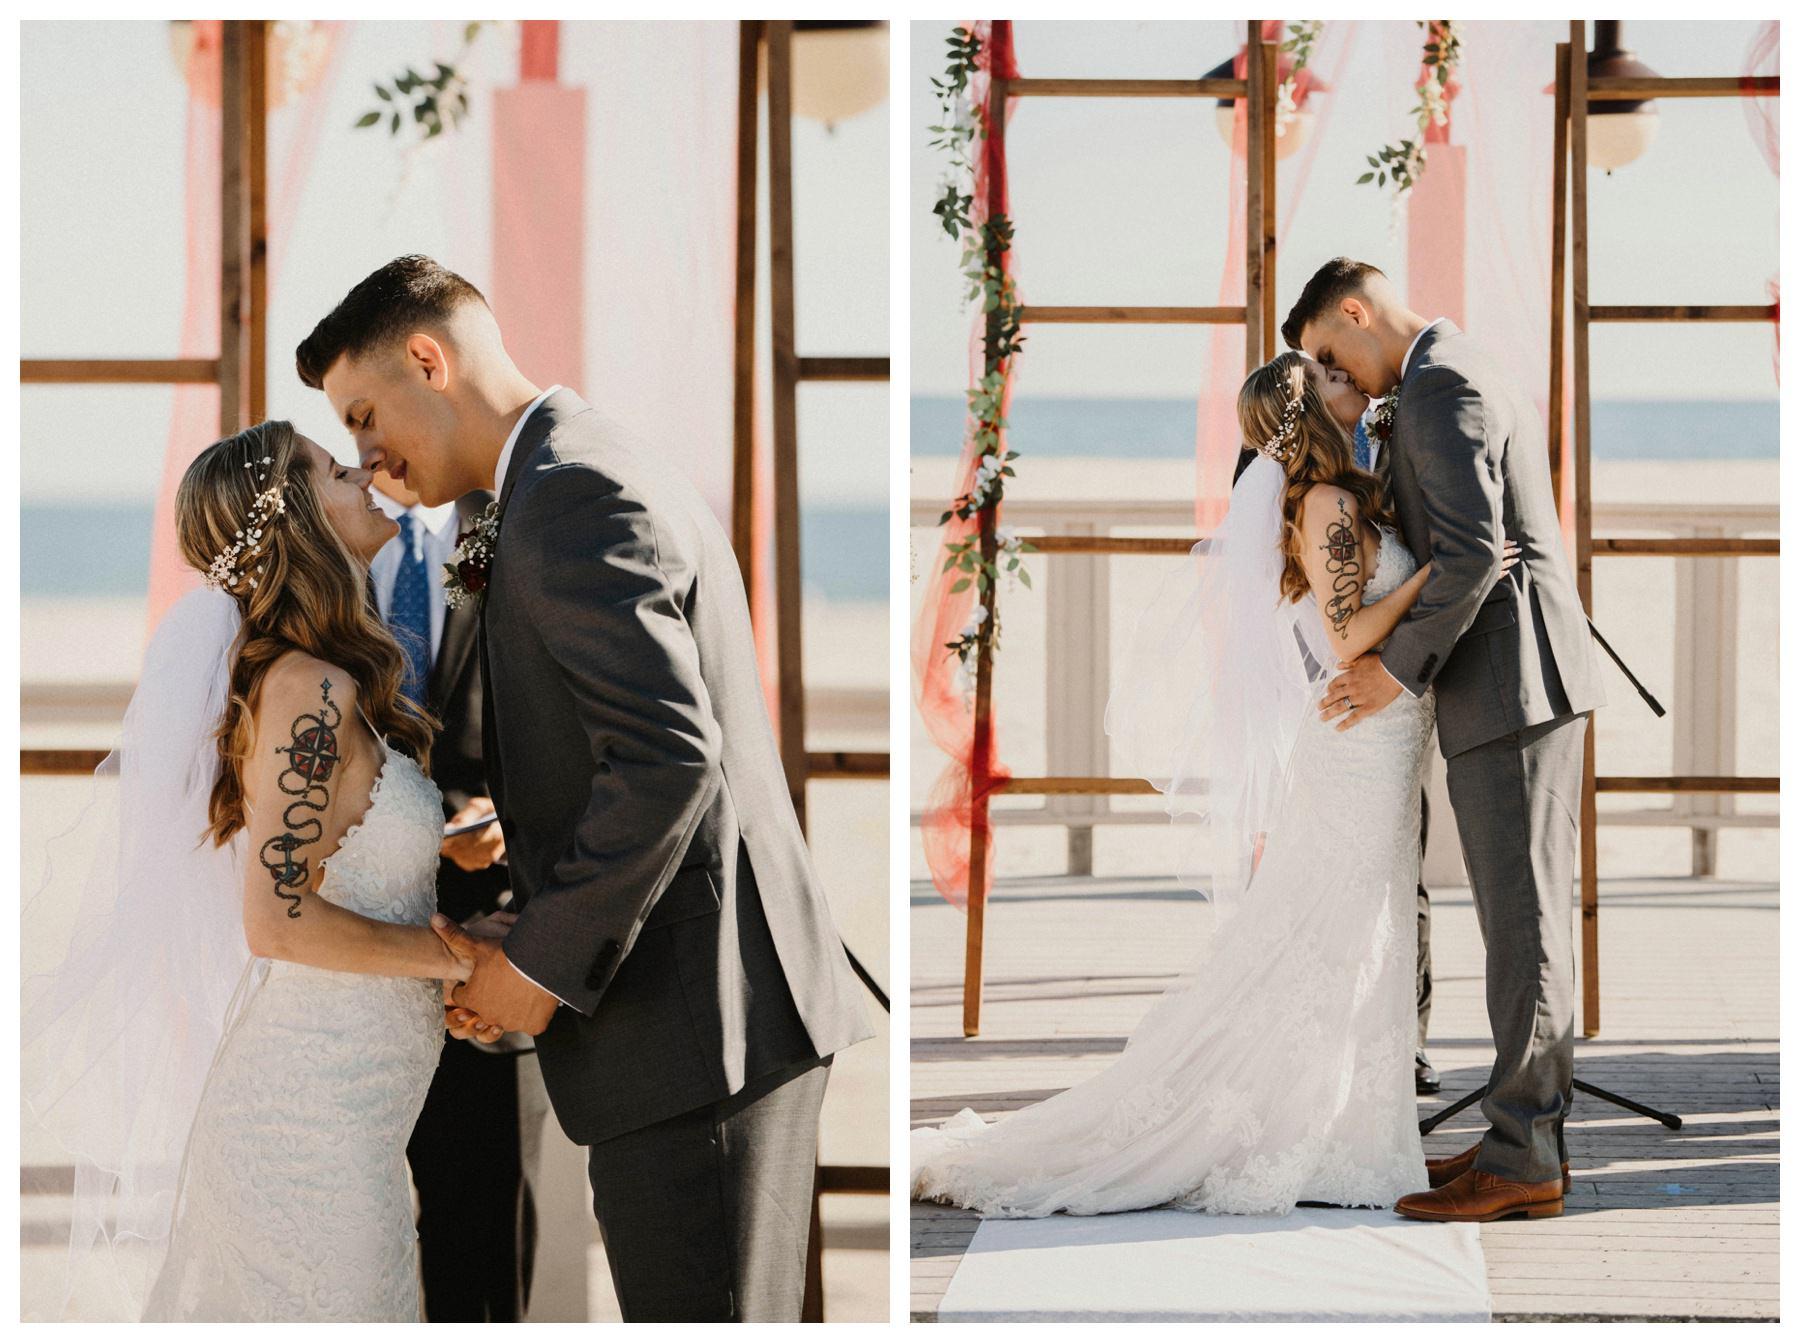 Coronado_Beach_Wedding_Singler_Photography_0027.jpg